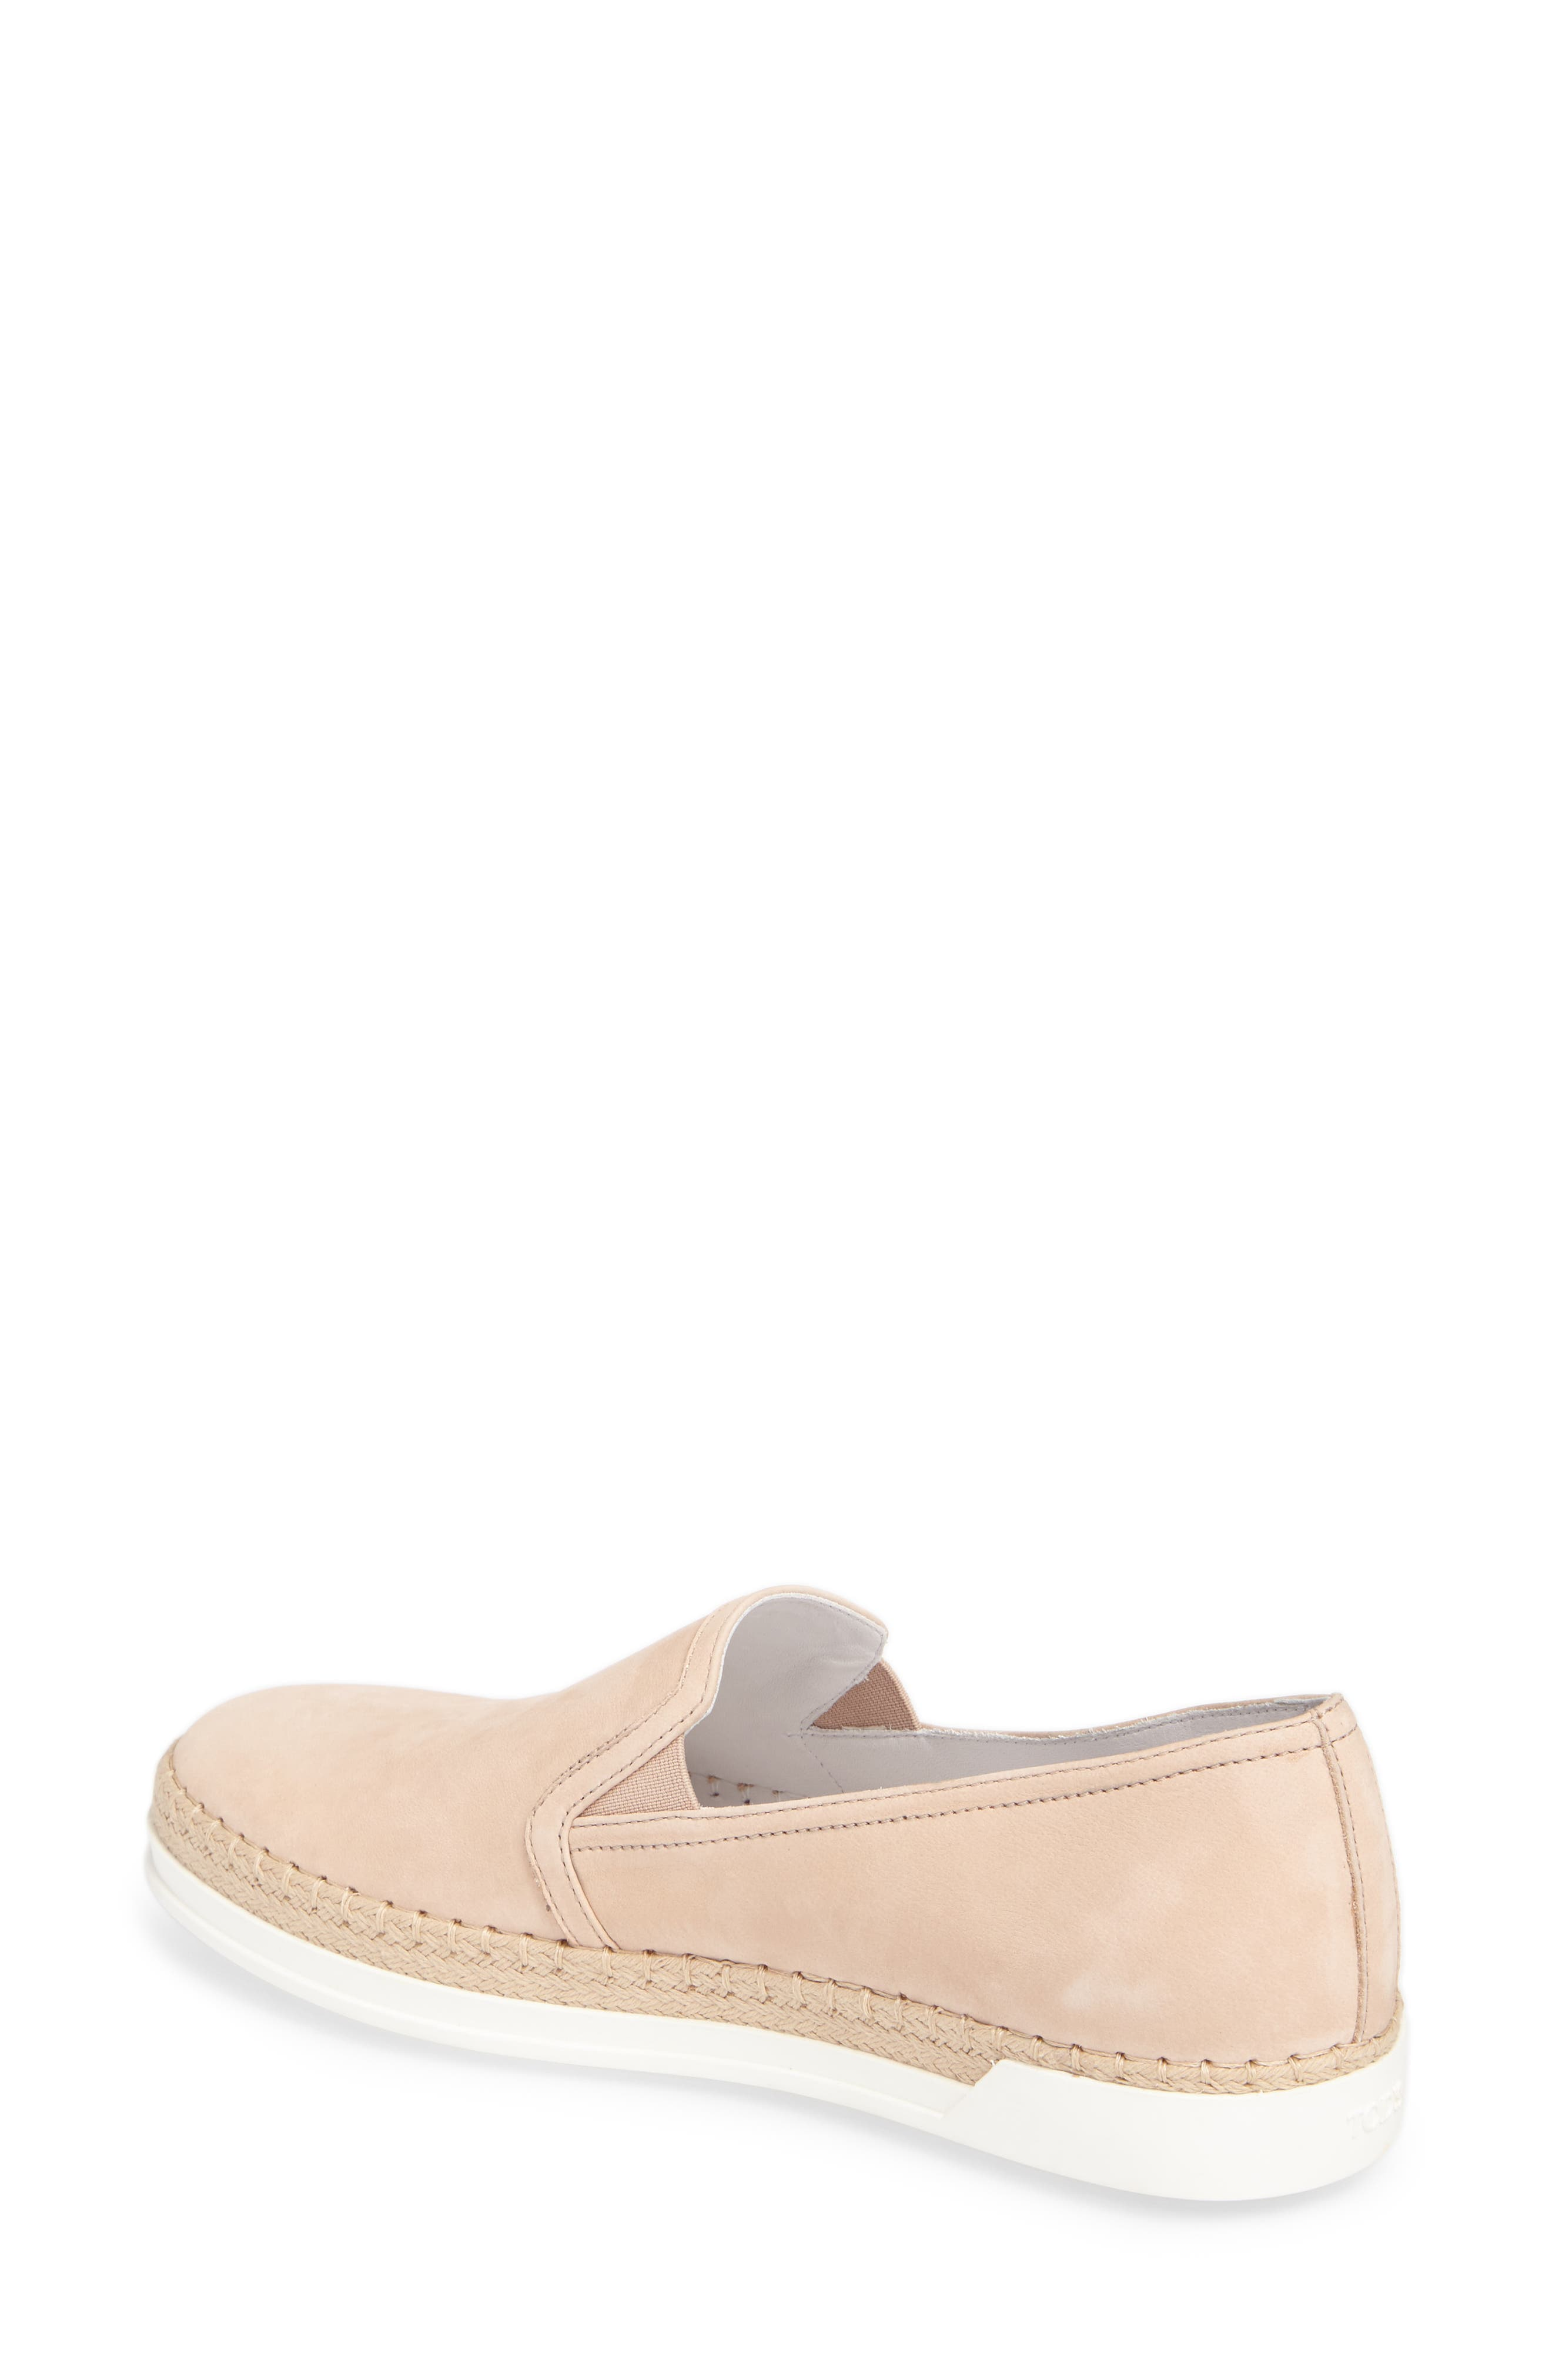 Espadrille Slip-On Sneaker,                             Alternate thumbnail 2, color,                             Ballerina Pink